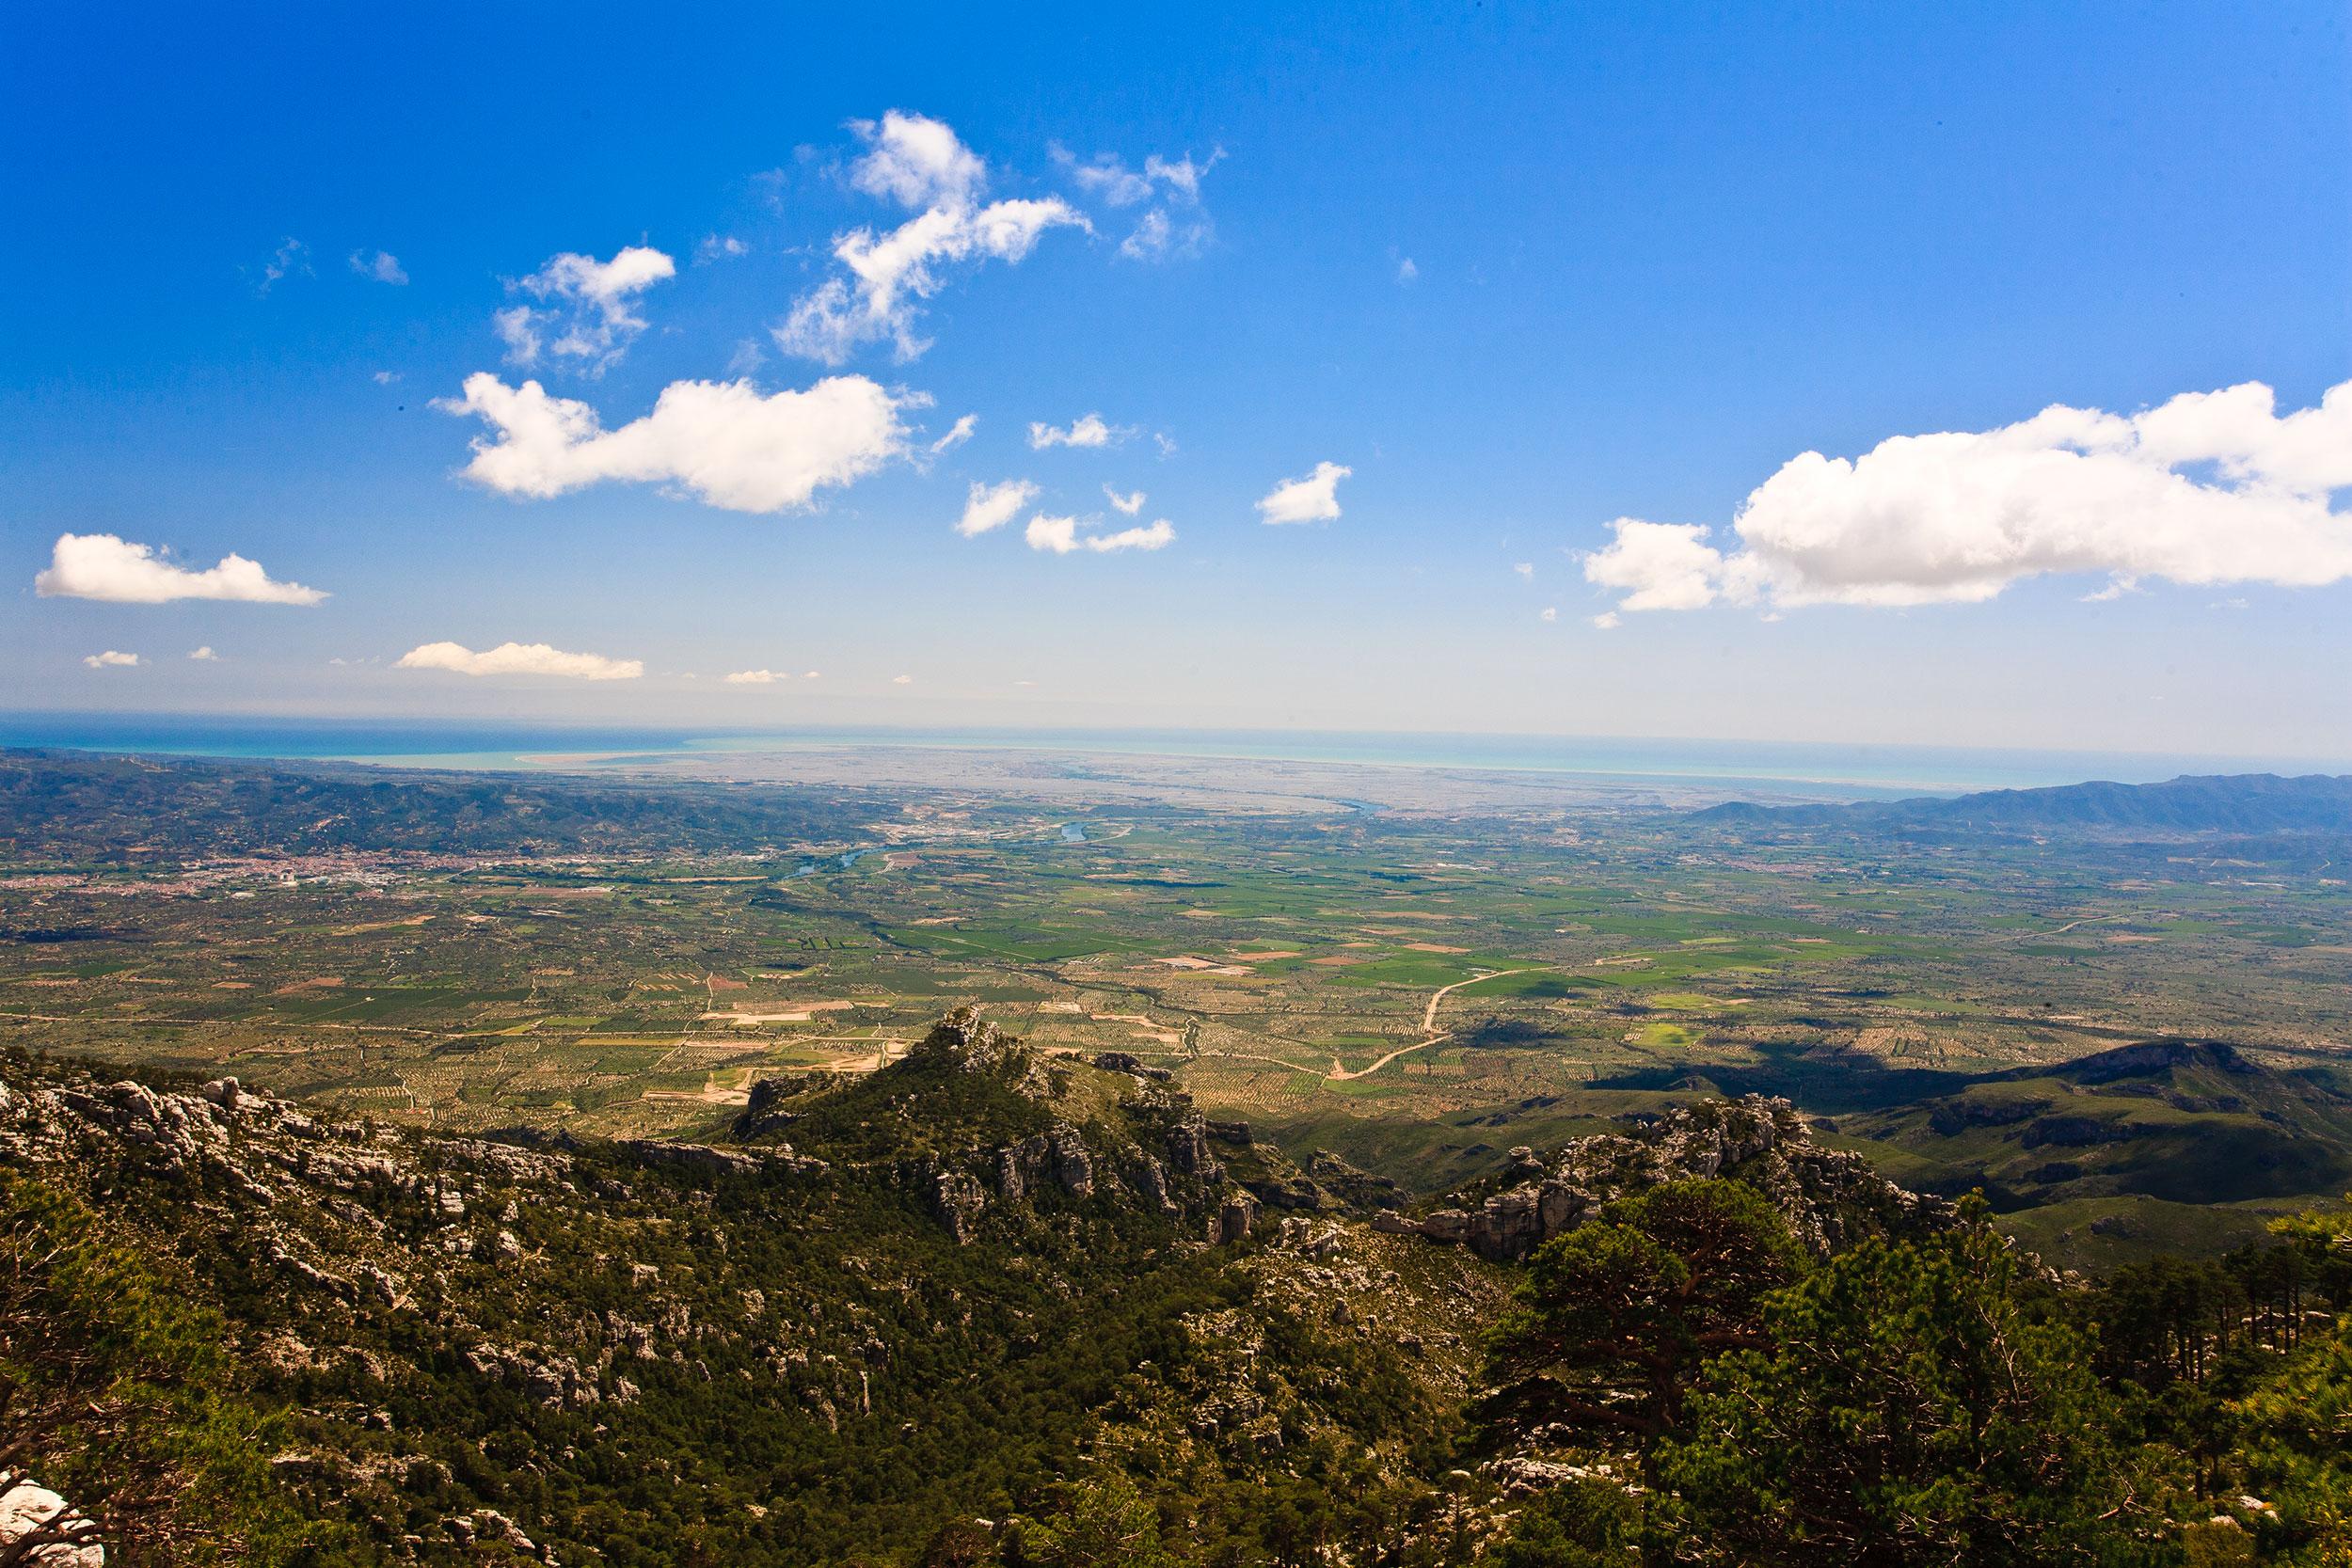 Vall de l'Ebre - ©Patronat de Turisme de la Diputació de Tarragona-Terres de l'Ebre